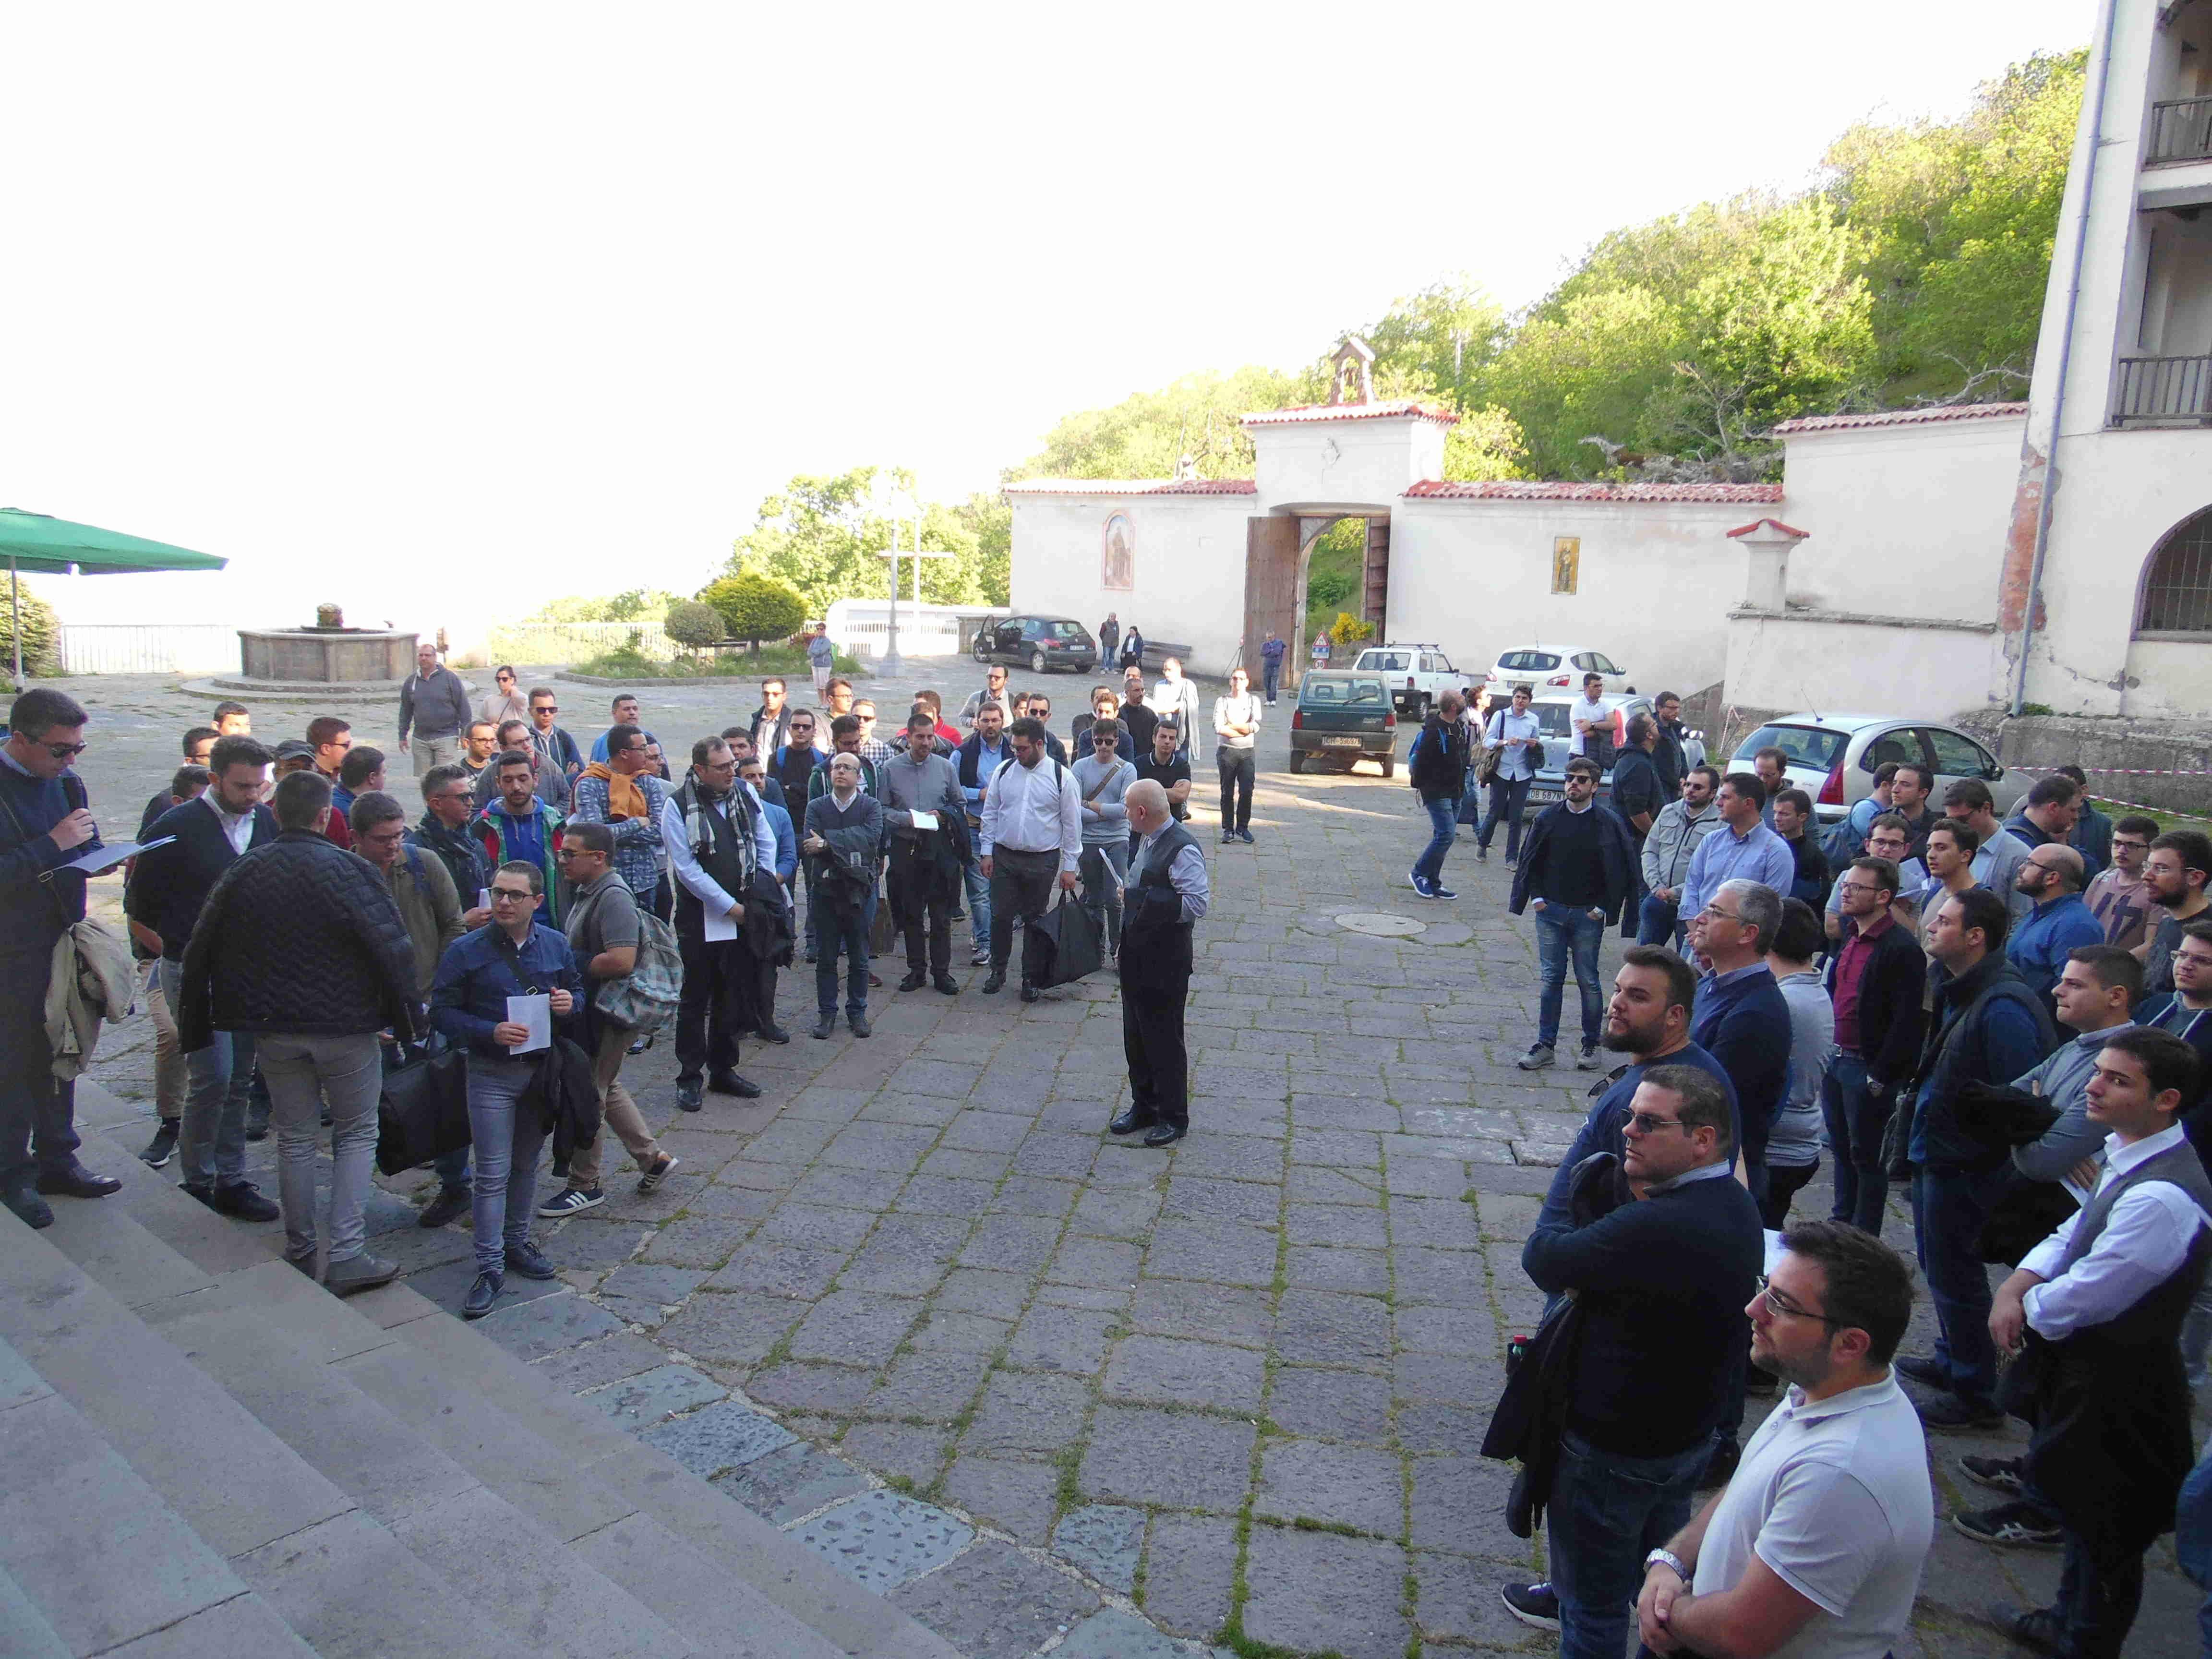 Pellegrinaggio Mariano 18-5-2018 (45)